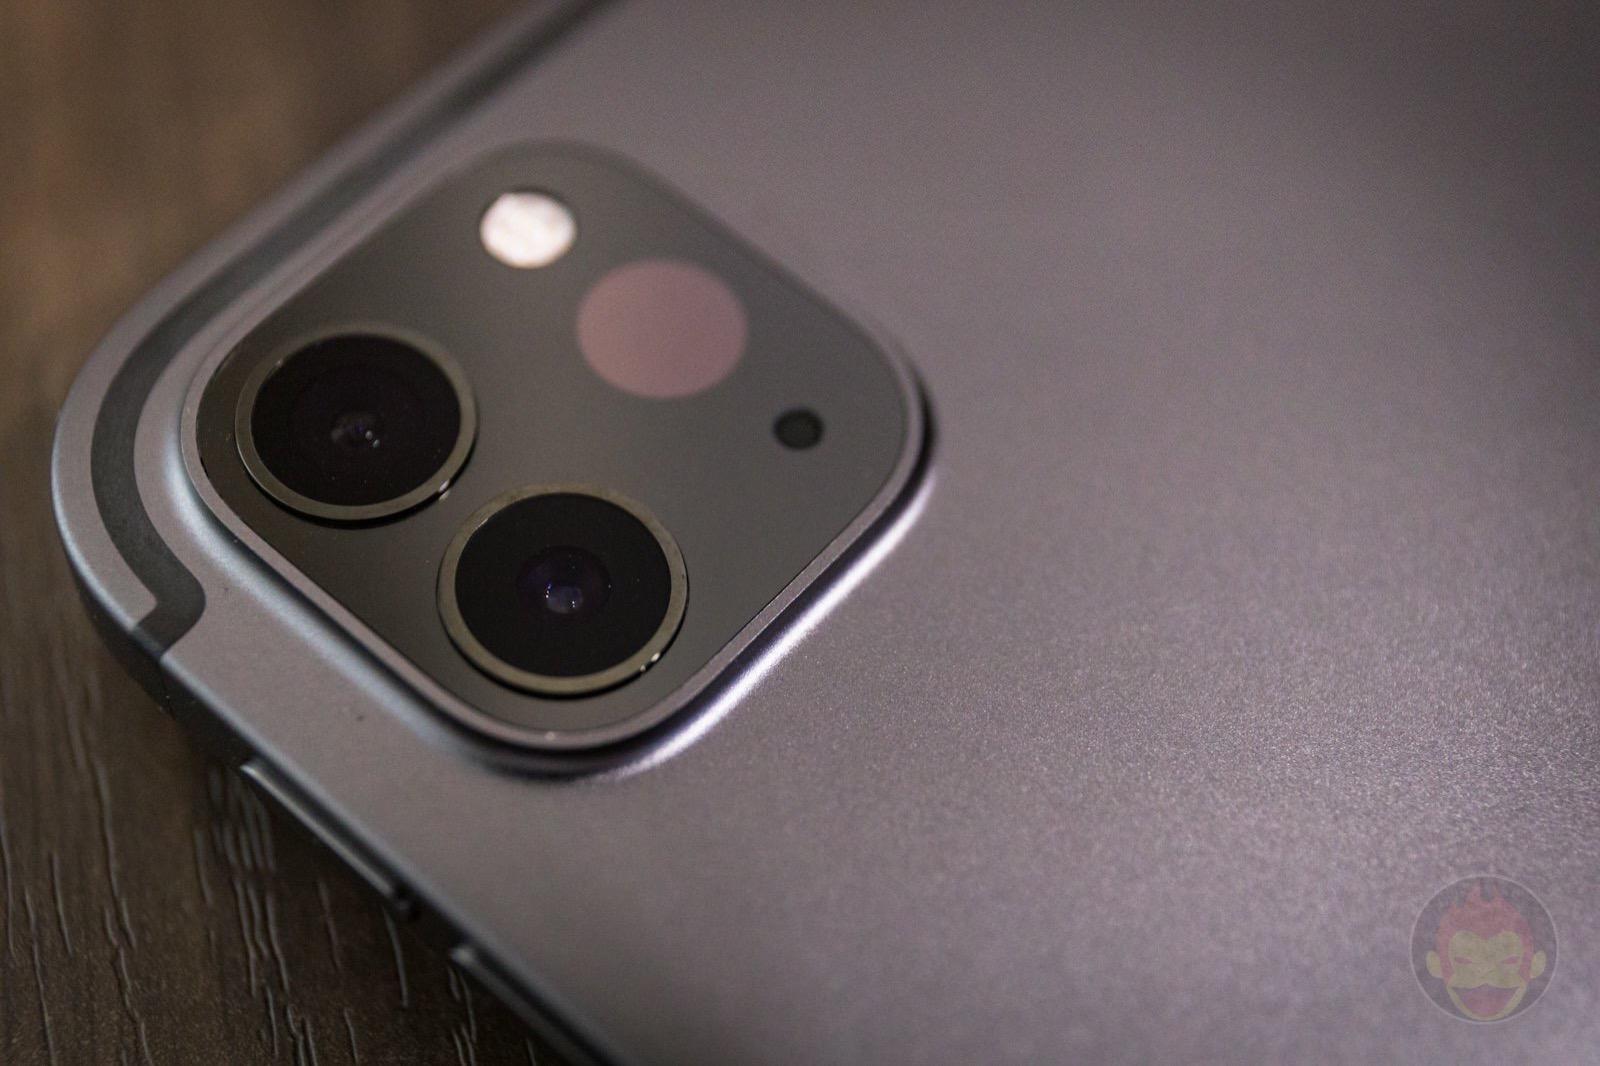 iPad-Pro-2020-LiDAR-Sensor-and-Camera-01.jpg